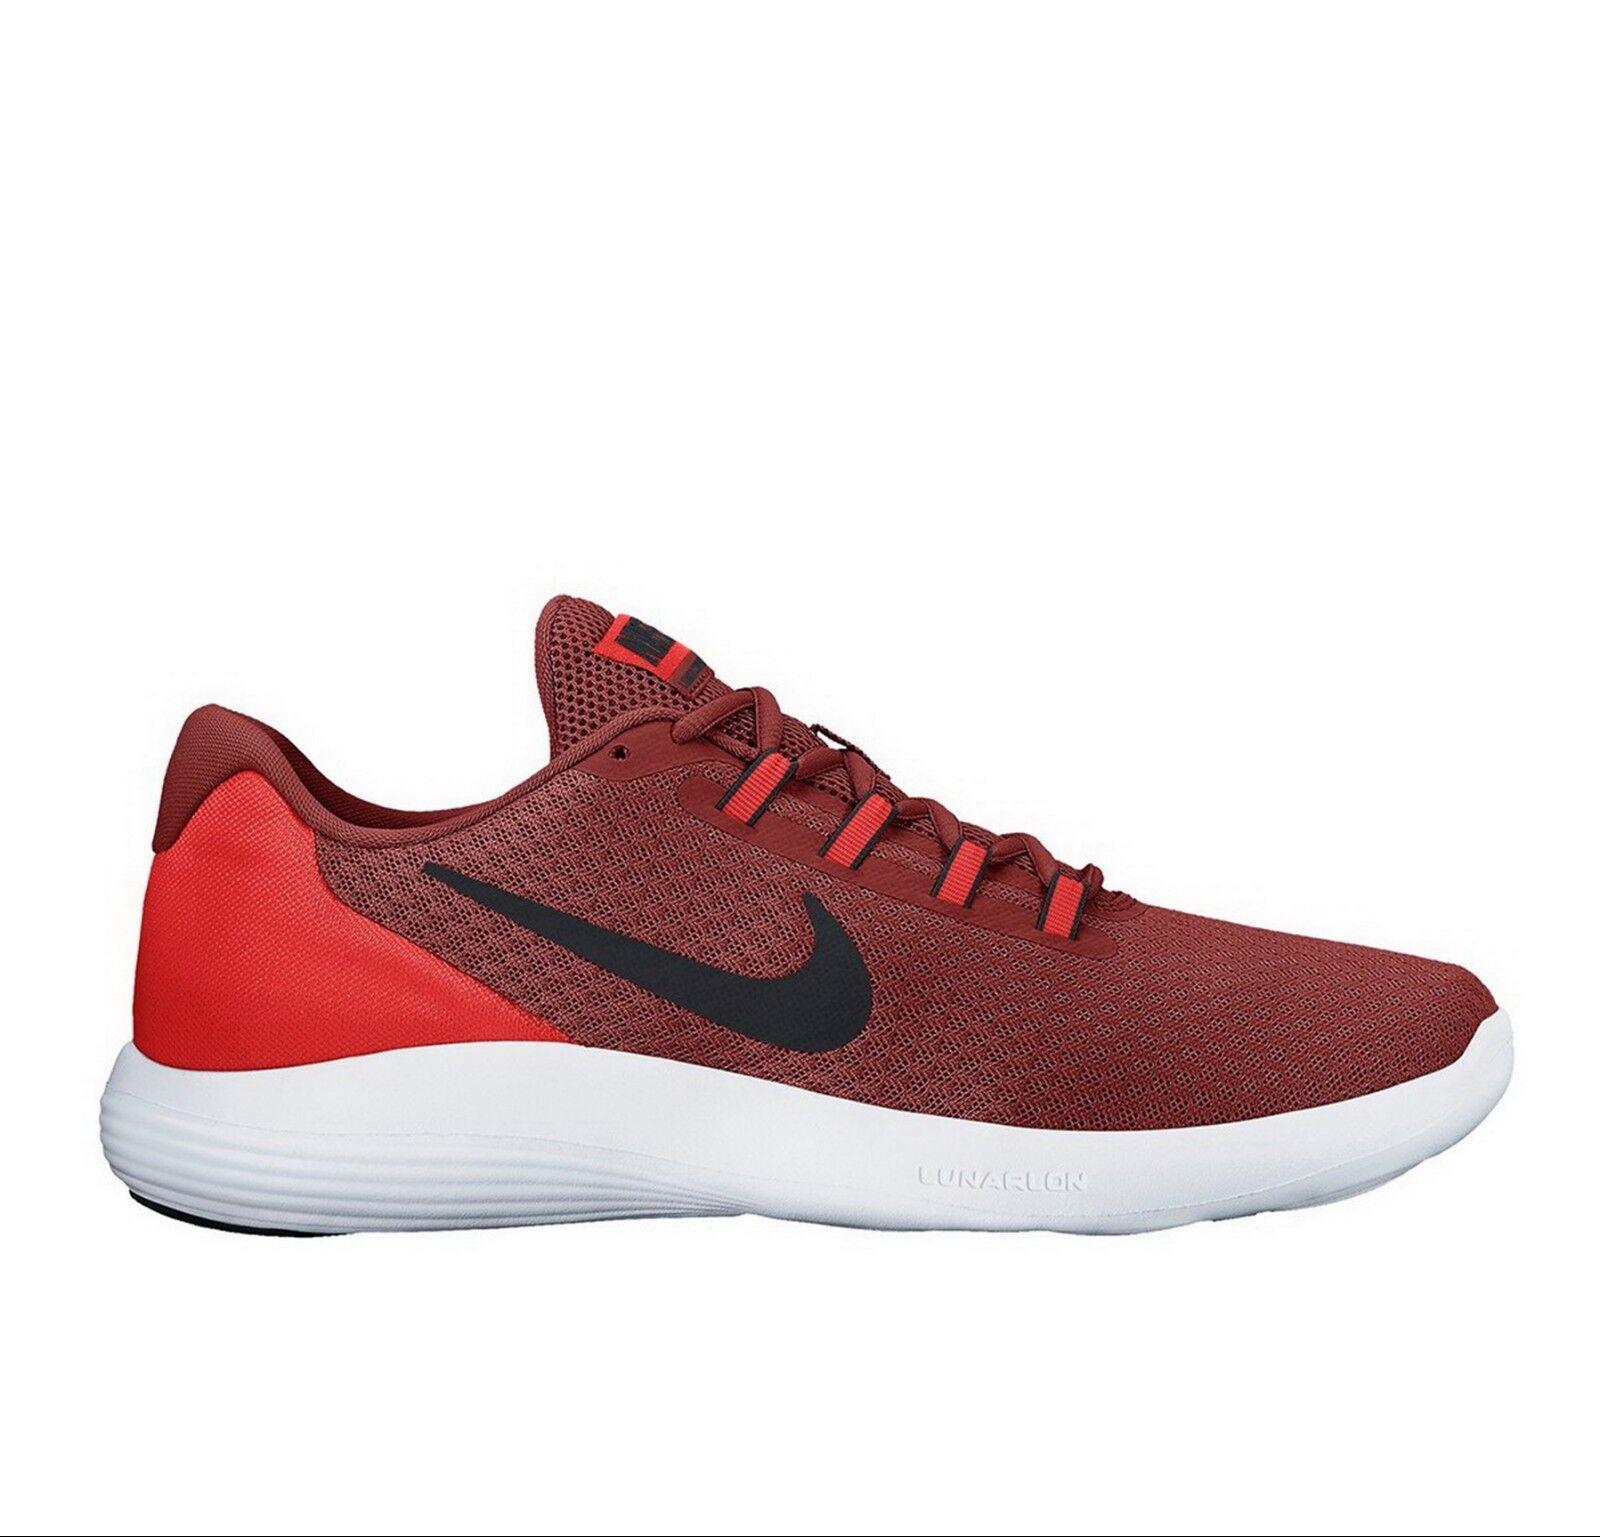 Nuovo convergere in scarpe da ginnastica nike lunare tessile superiore le scarpe, originale 75 dollari   prendere in considerazione    Uomini/Donne Scarpa